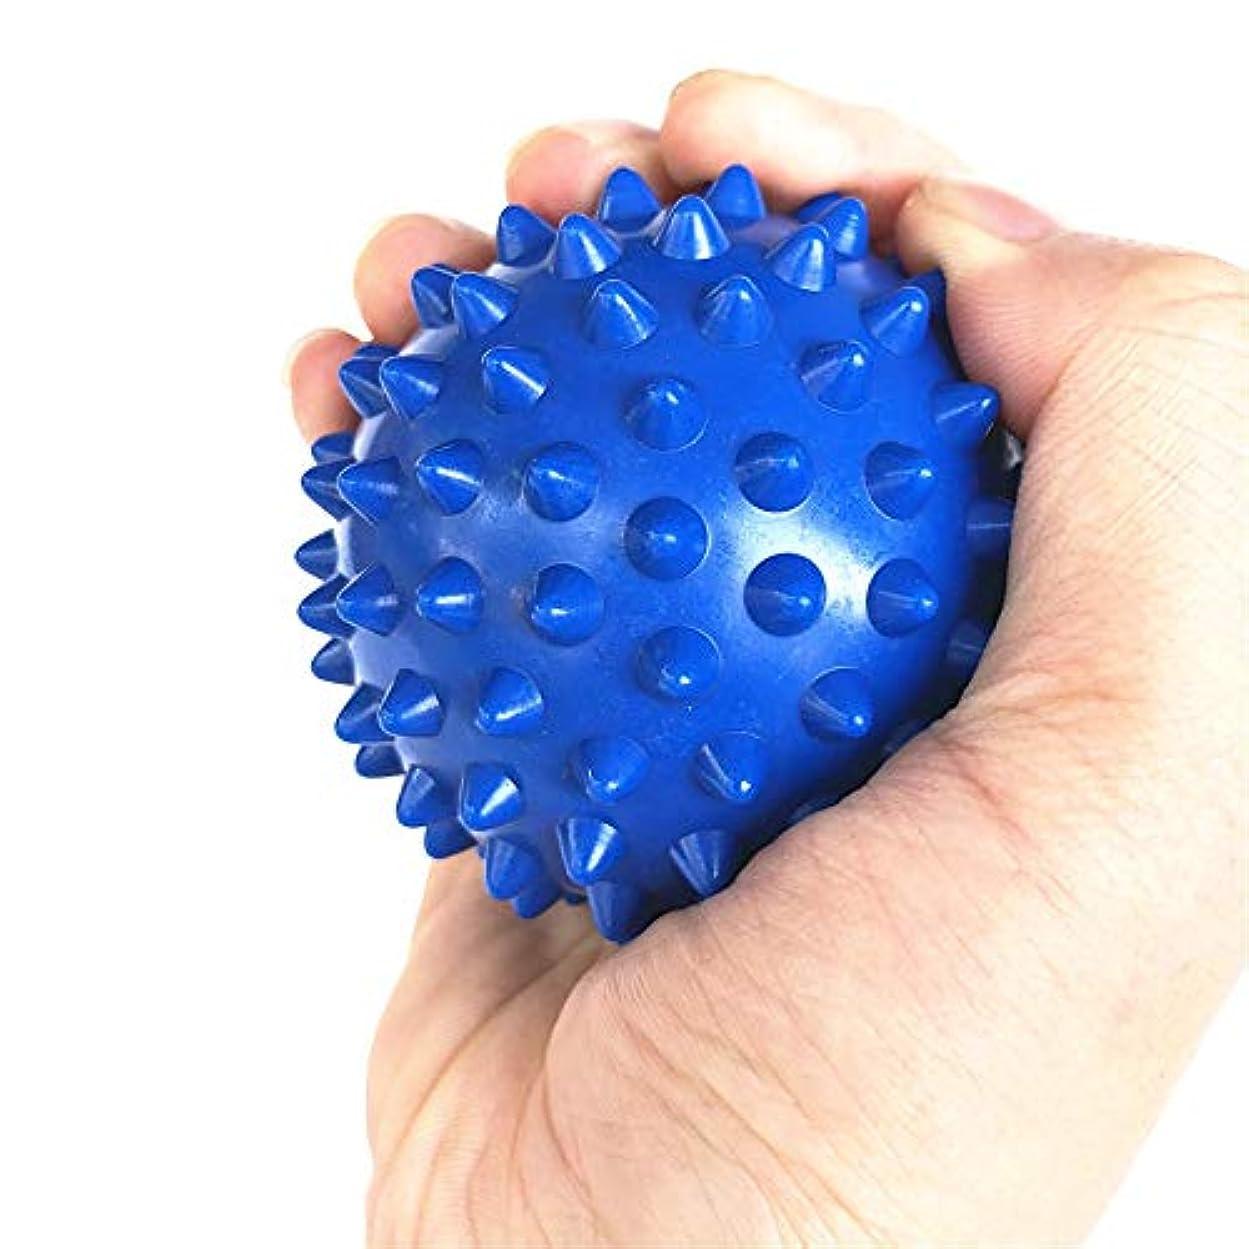 松明プロフィール呼び出すTyou ラクロスボールテンションリリースマッサージボールのための足のマッサージボールのためのMyofasicalボールの運動ボールの青